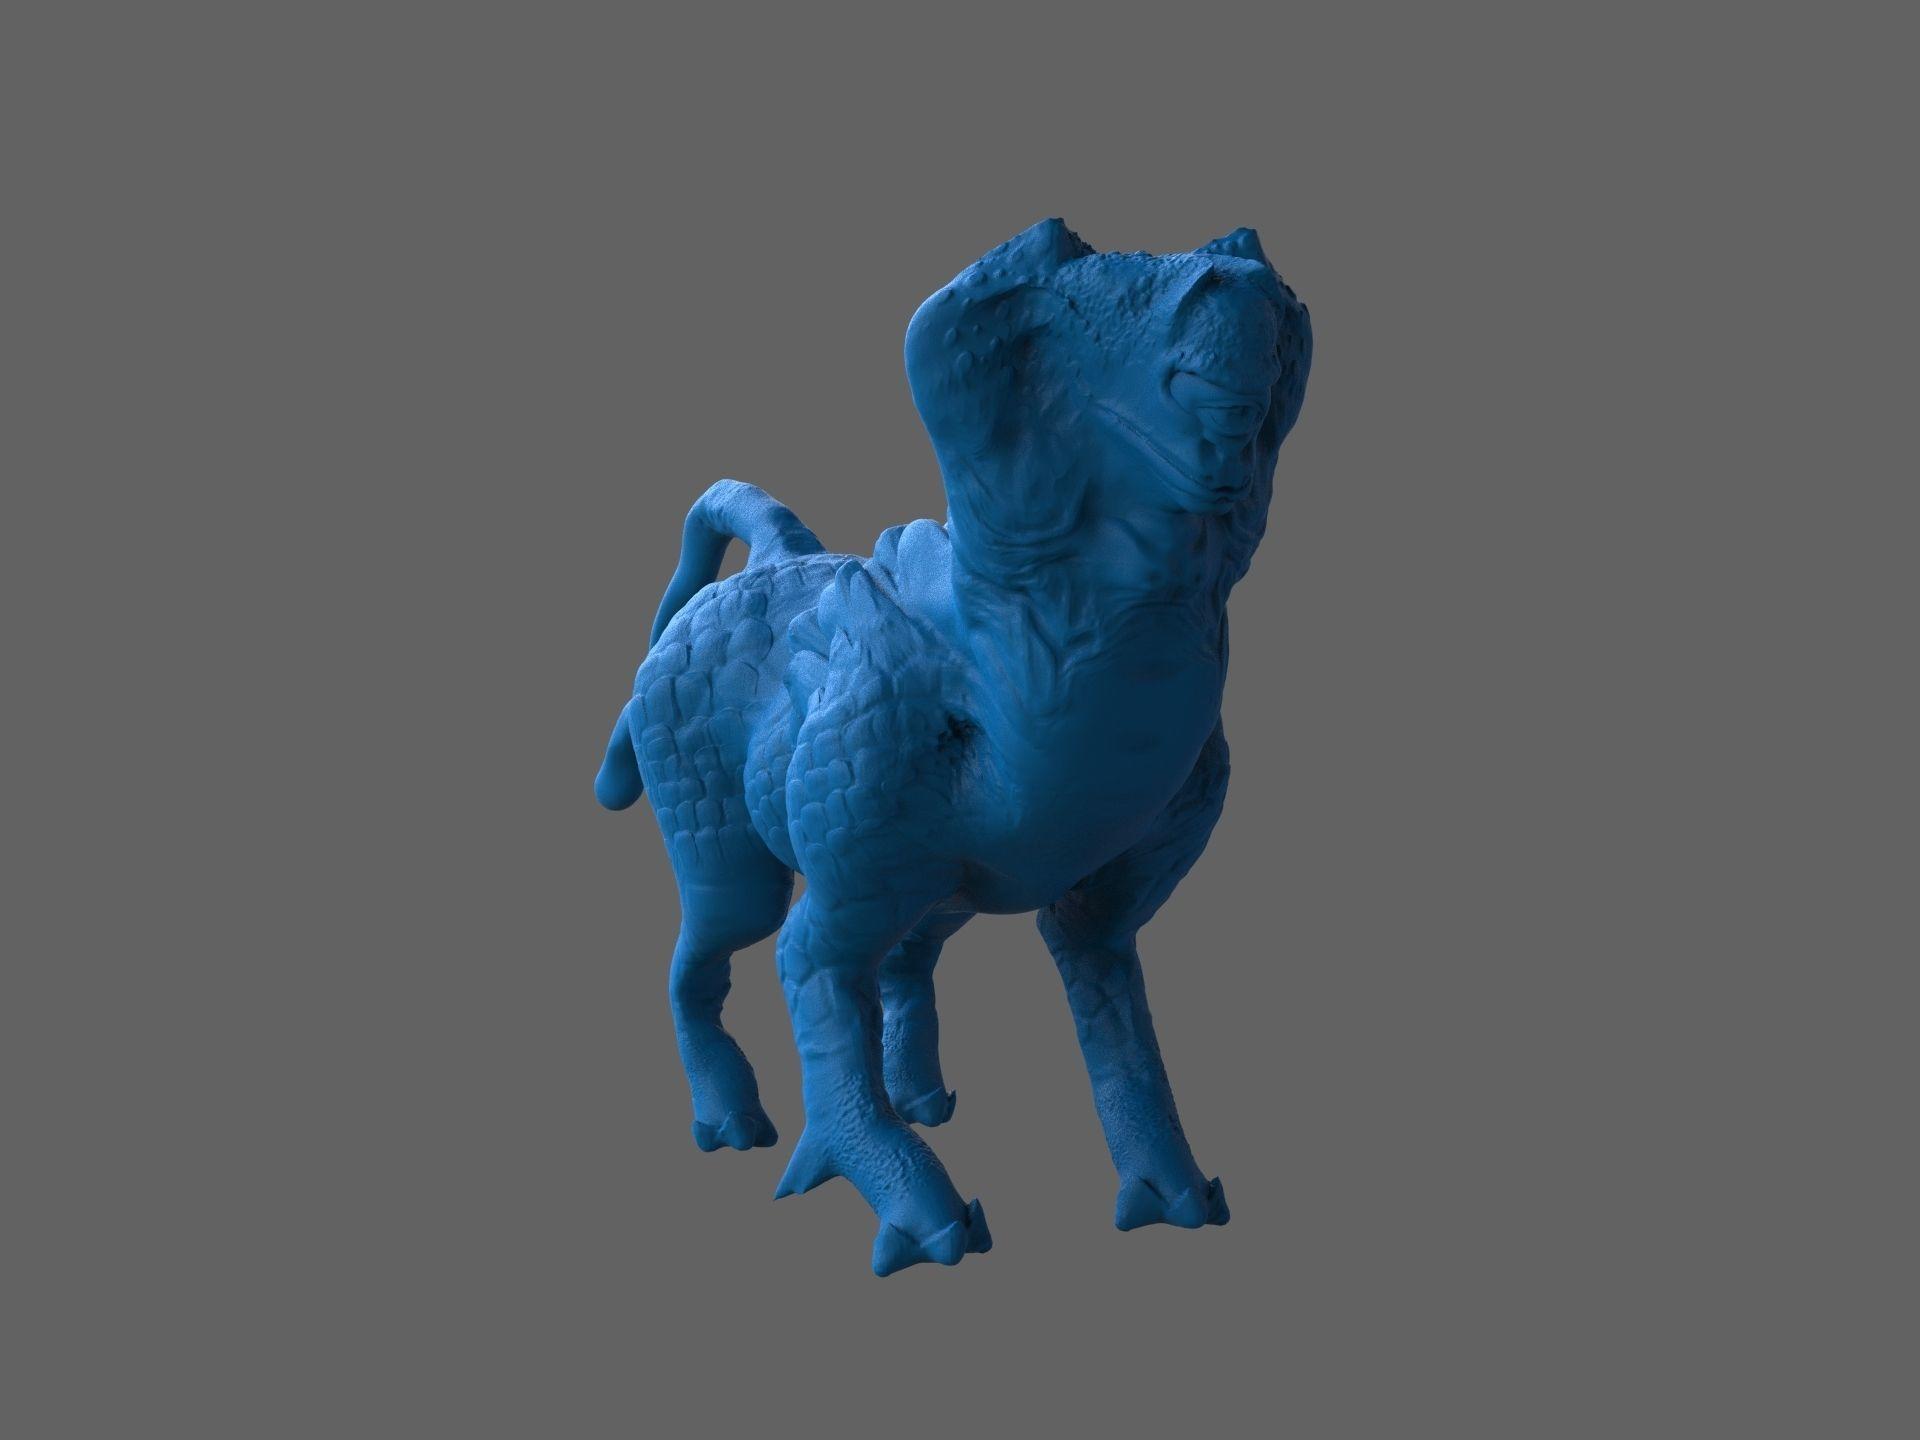 Sphinx creature cyclop